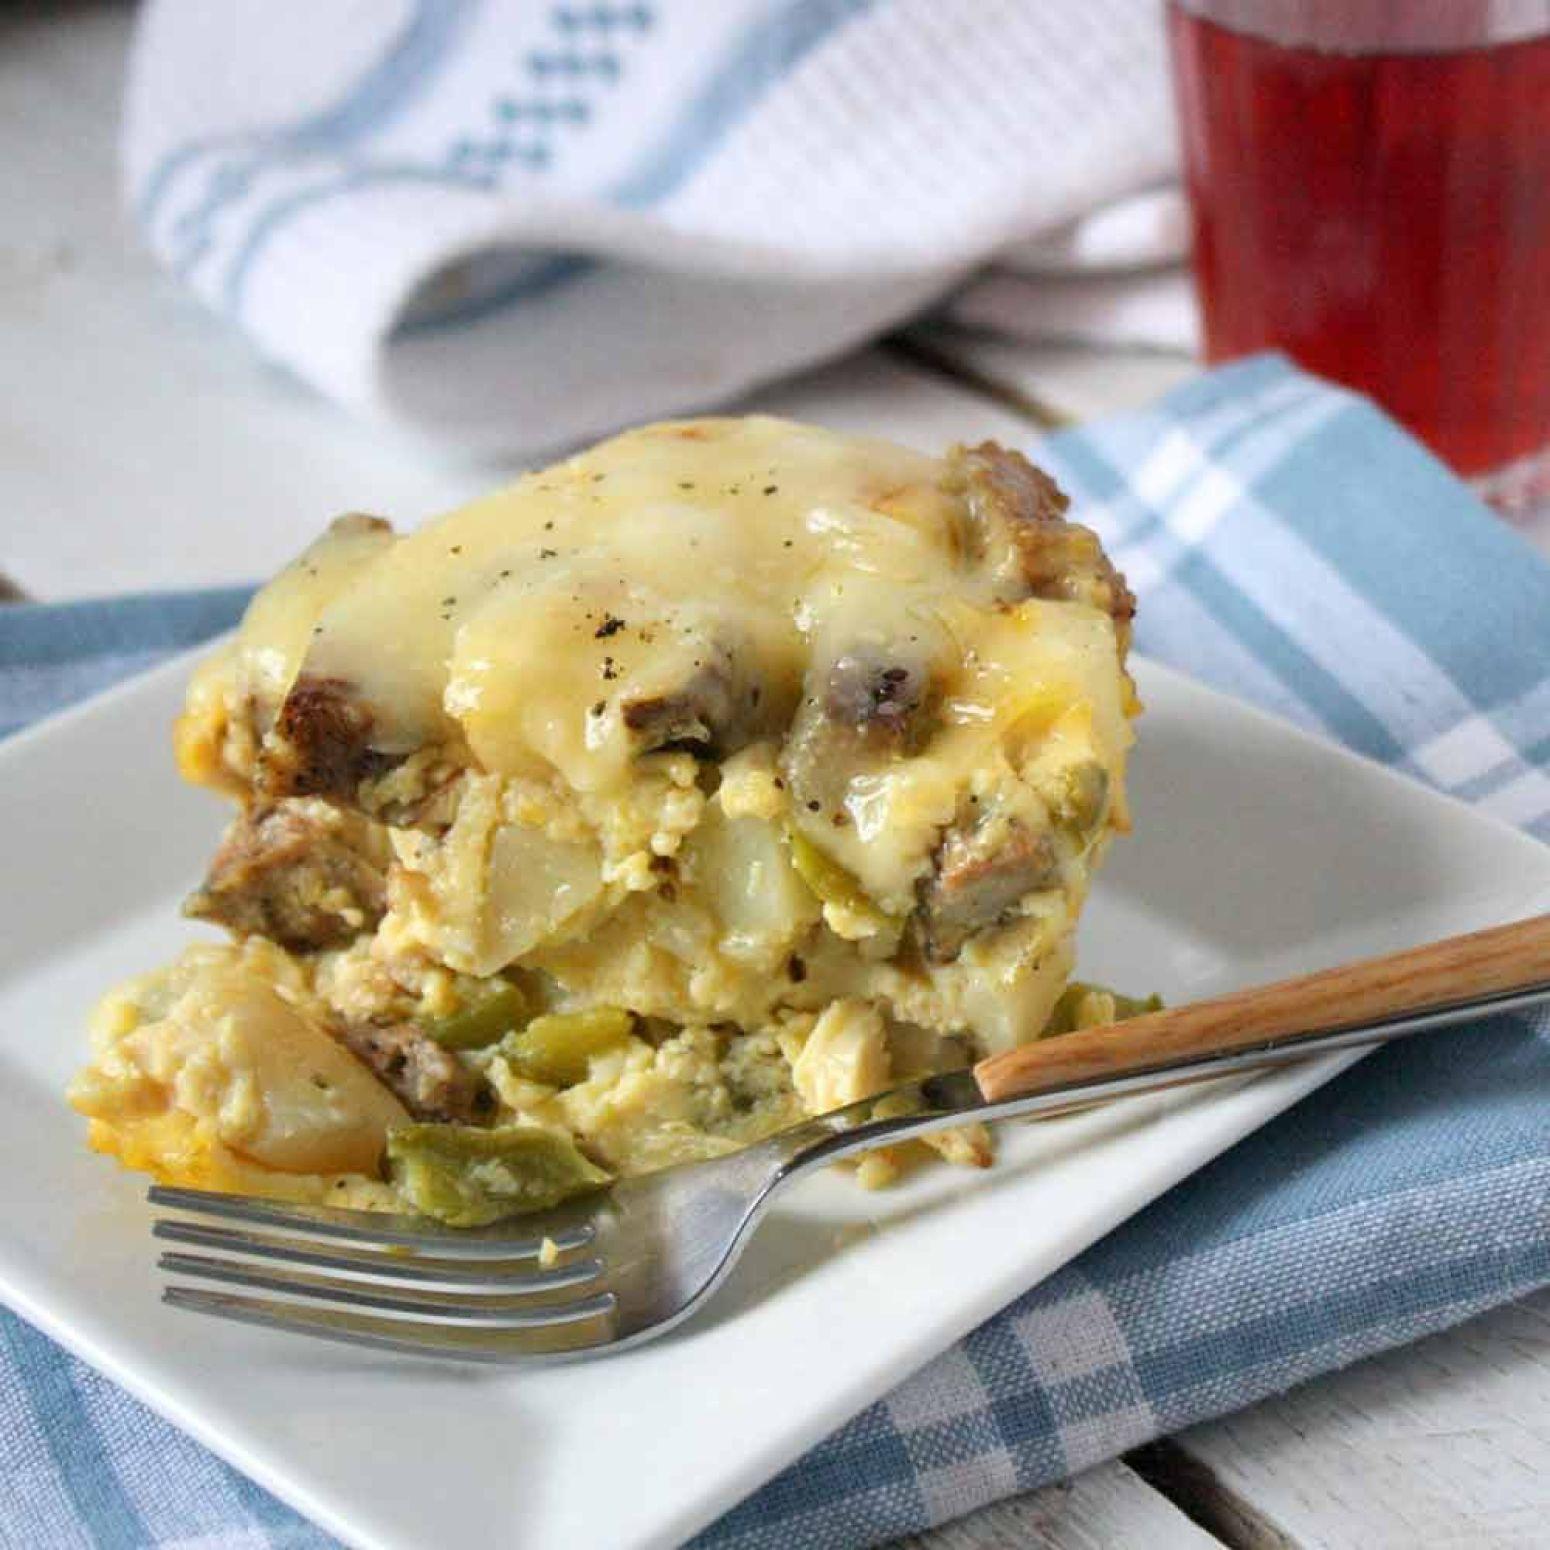 Slow cooker breakfast casserole recipe 7 just a pinch for Slow cooker breakfast recipes for two